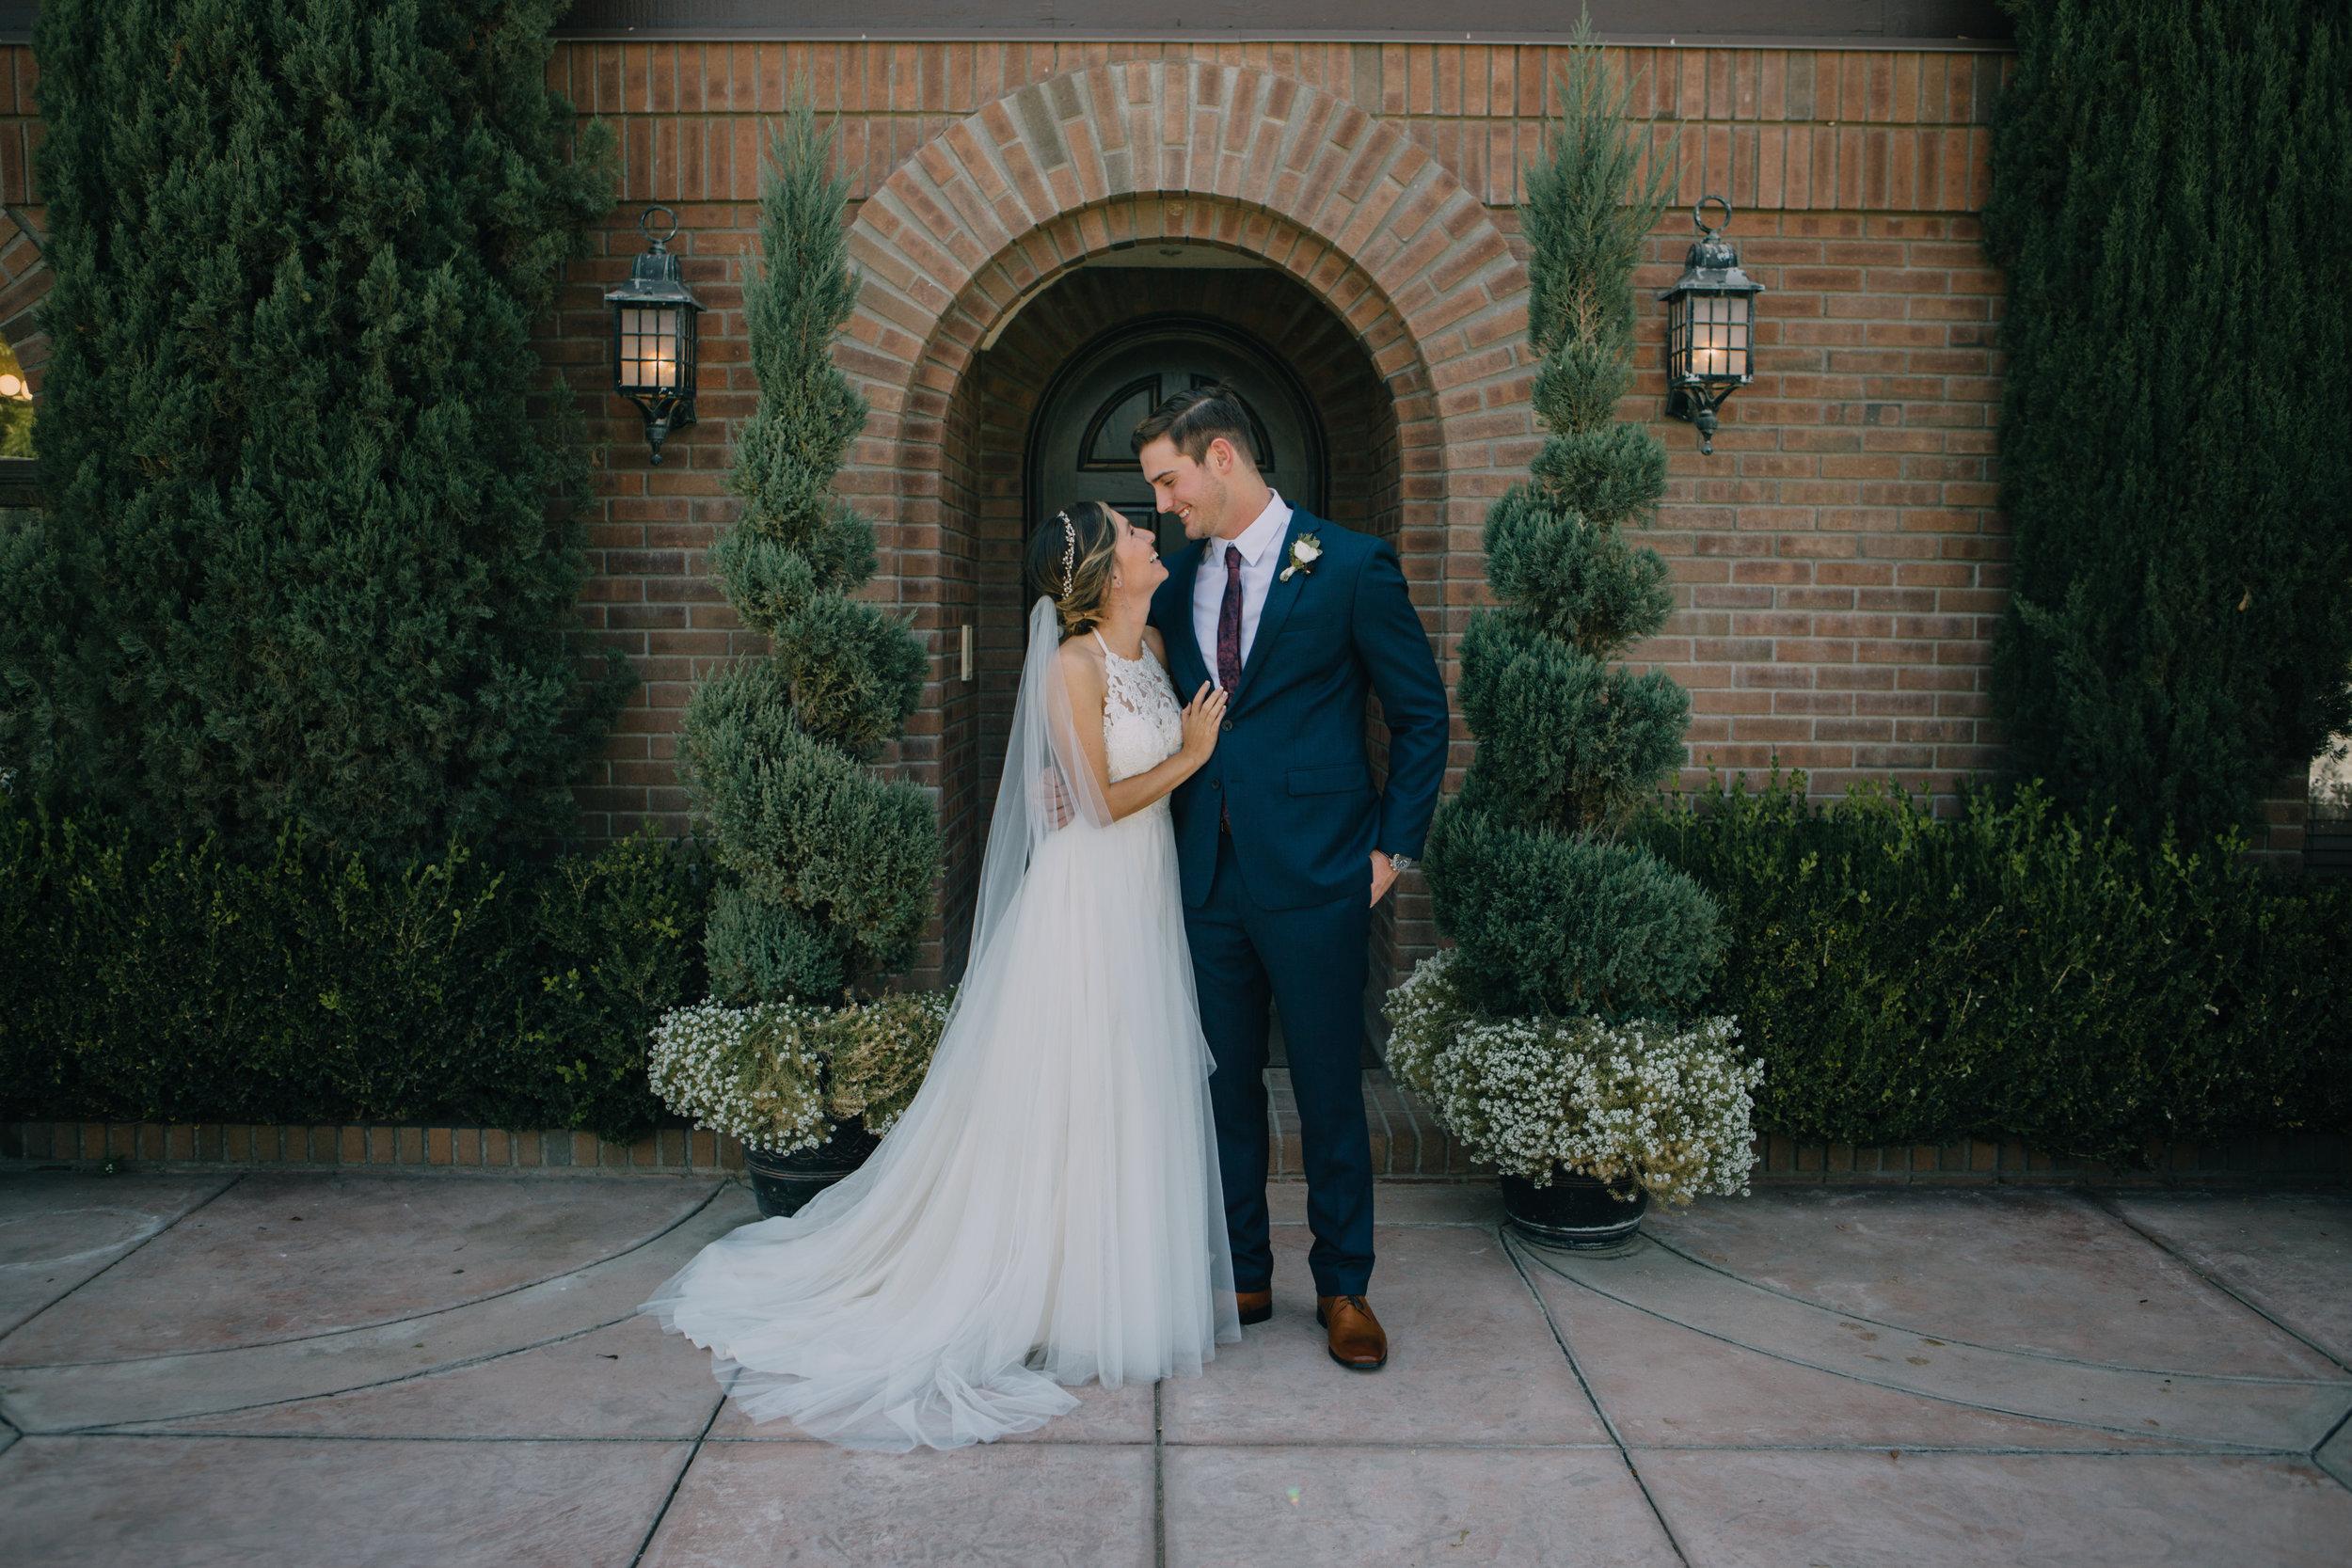 bride and groom-4616.jpg